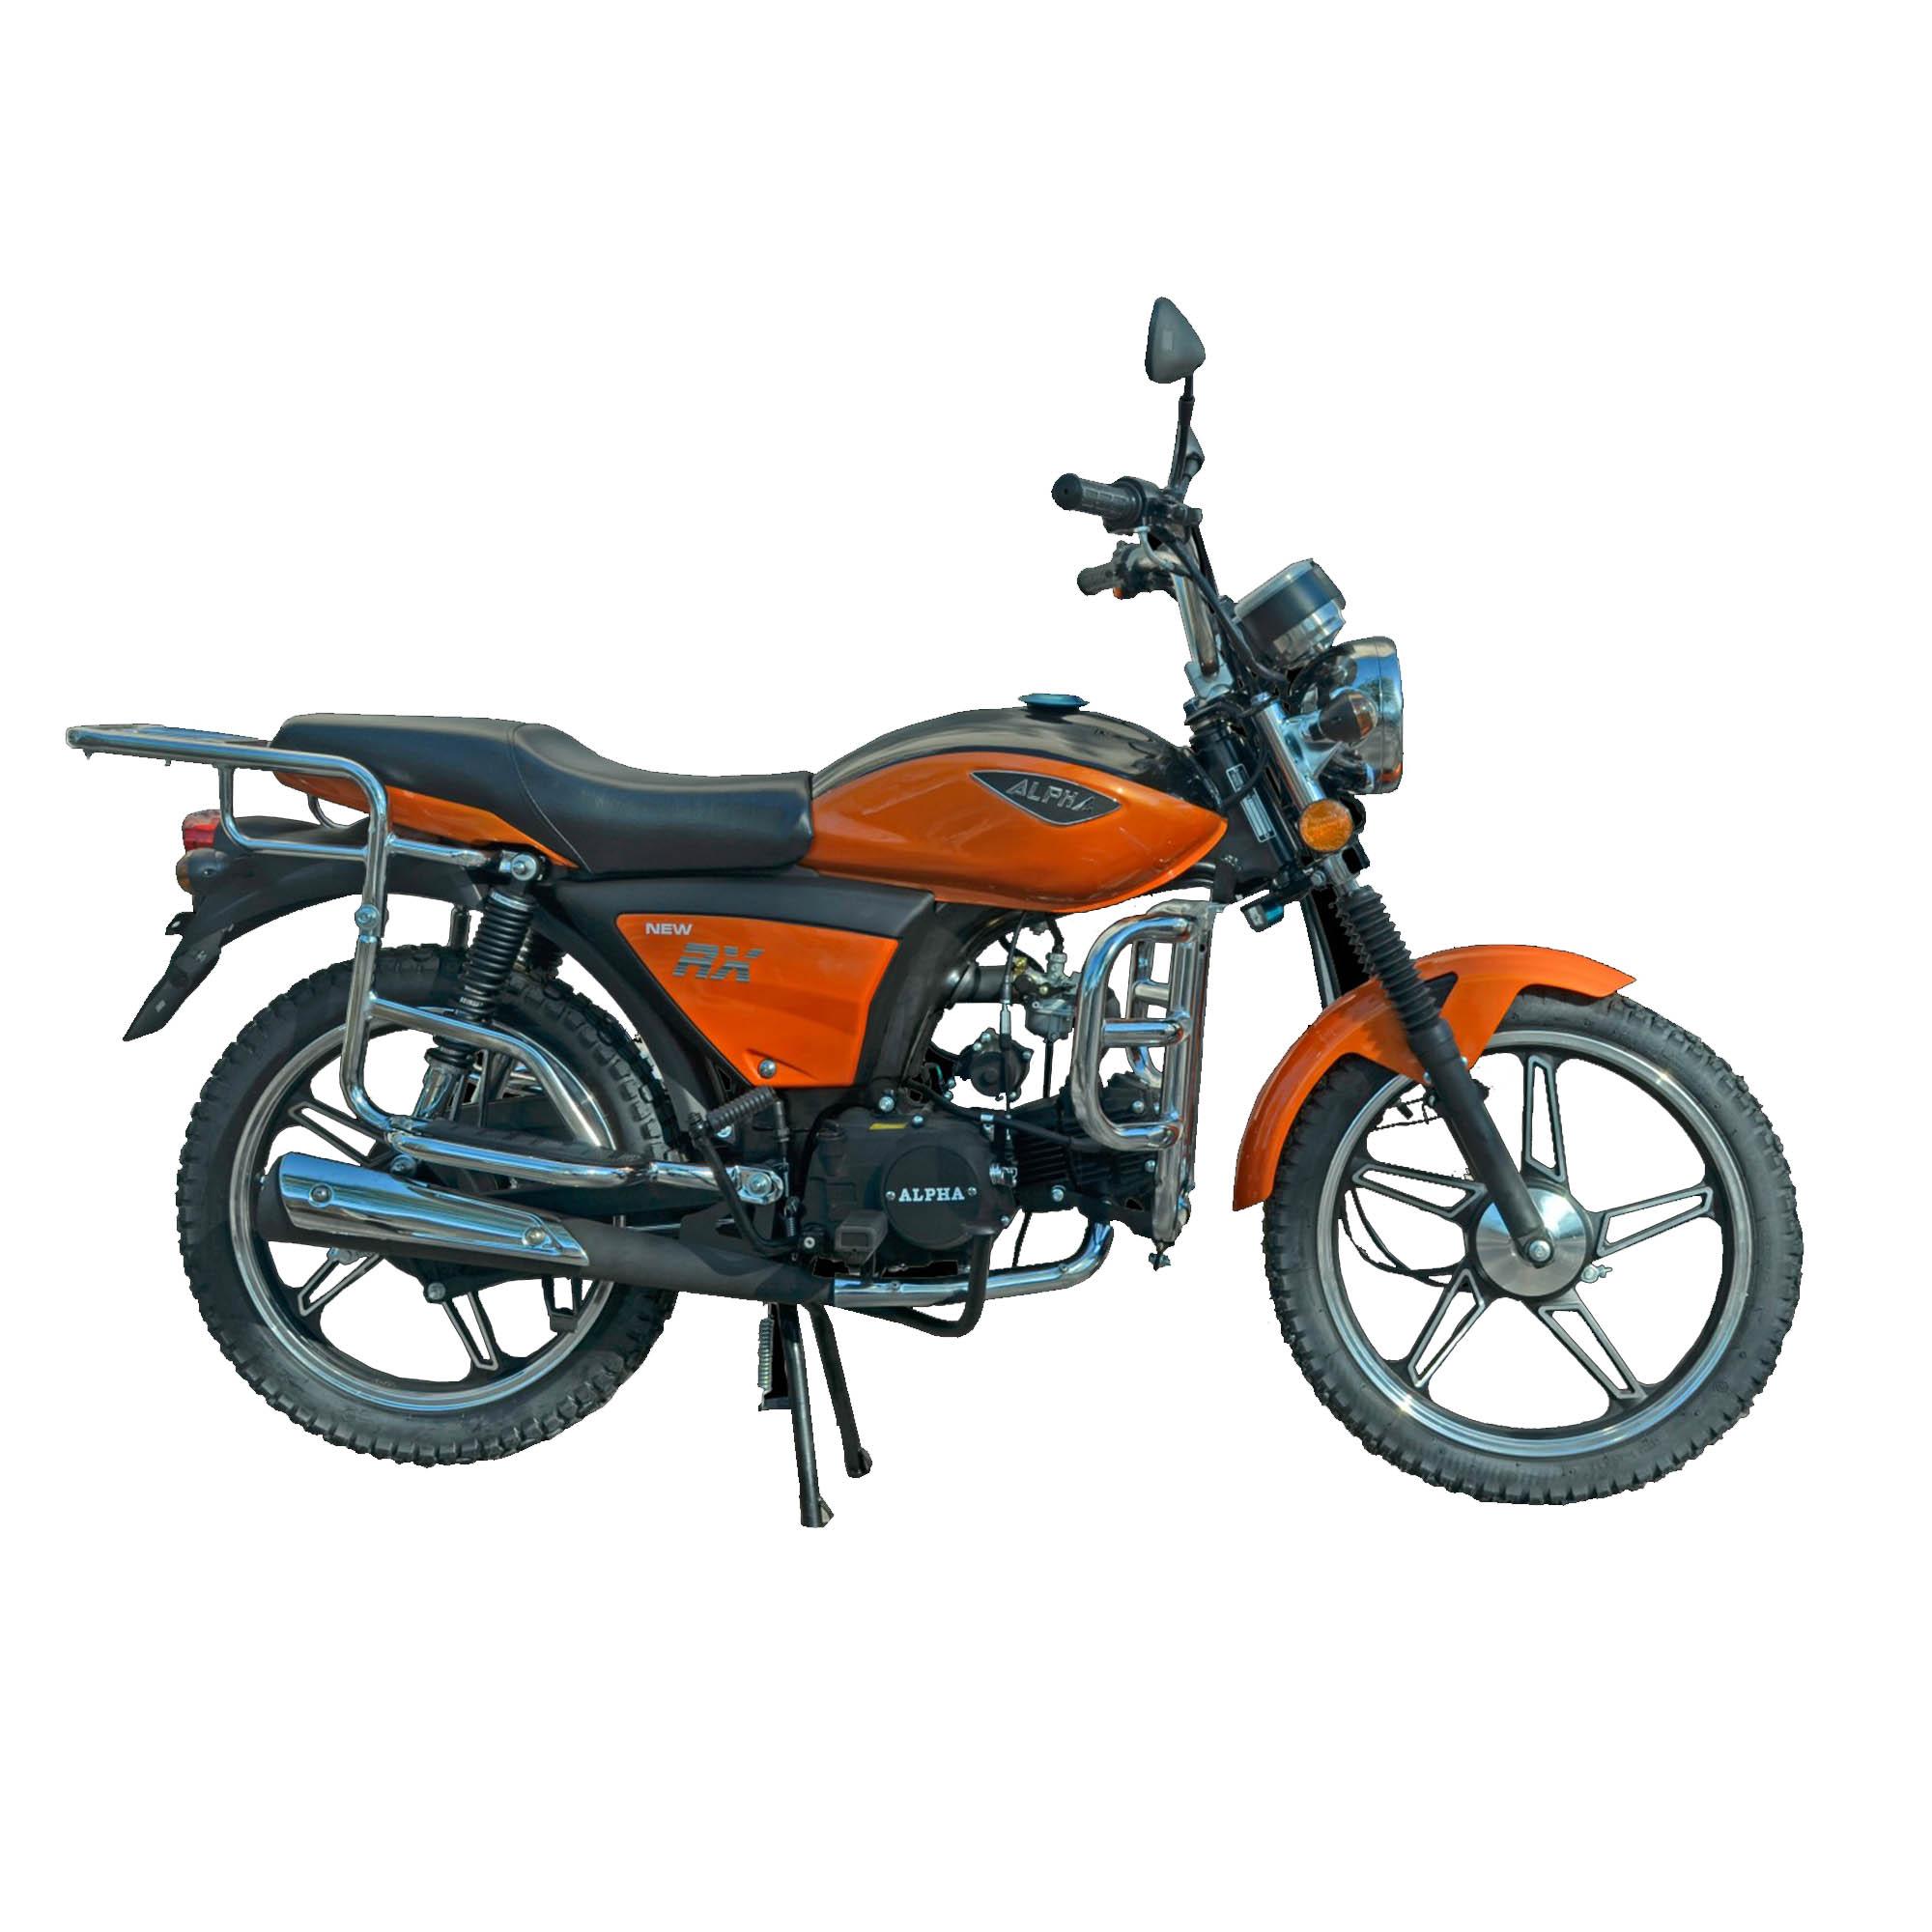 Мопед Alpha Moto NEW RX цвет оранжевый металлик купить по низкой цене